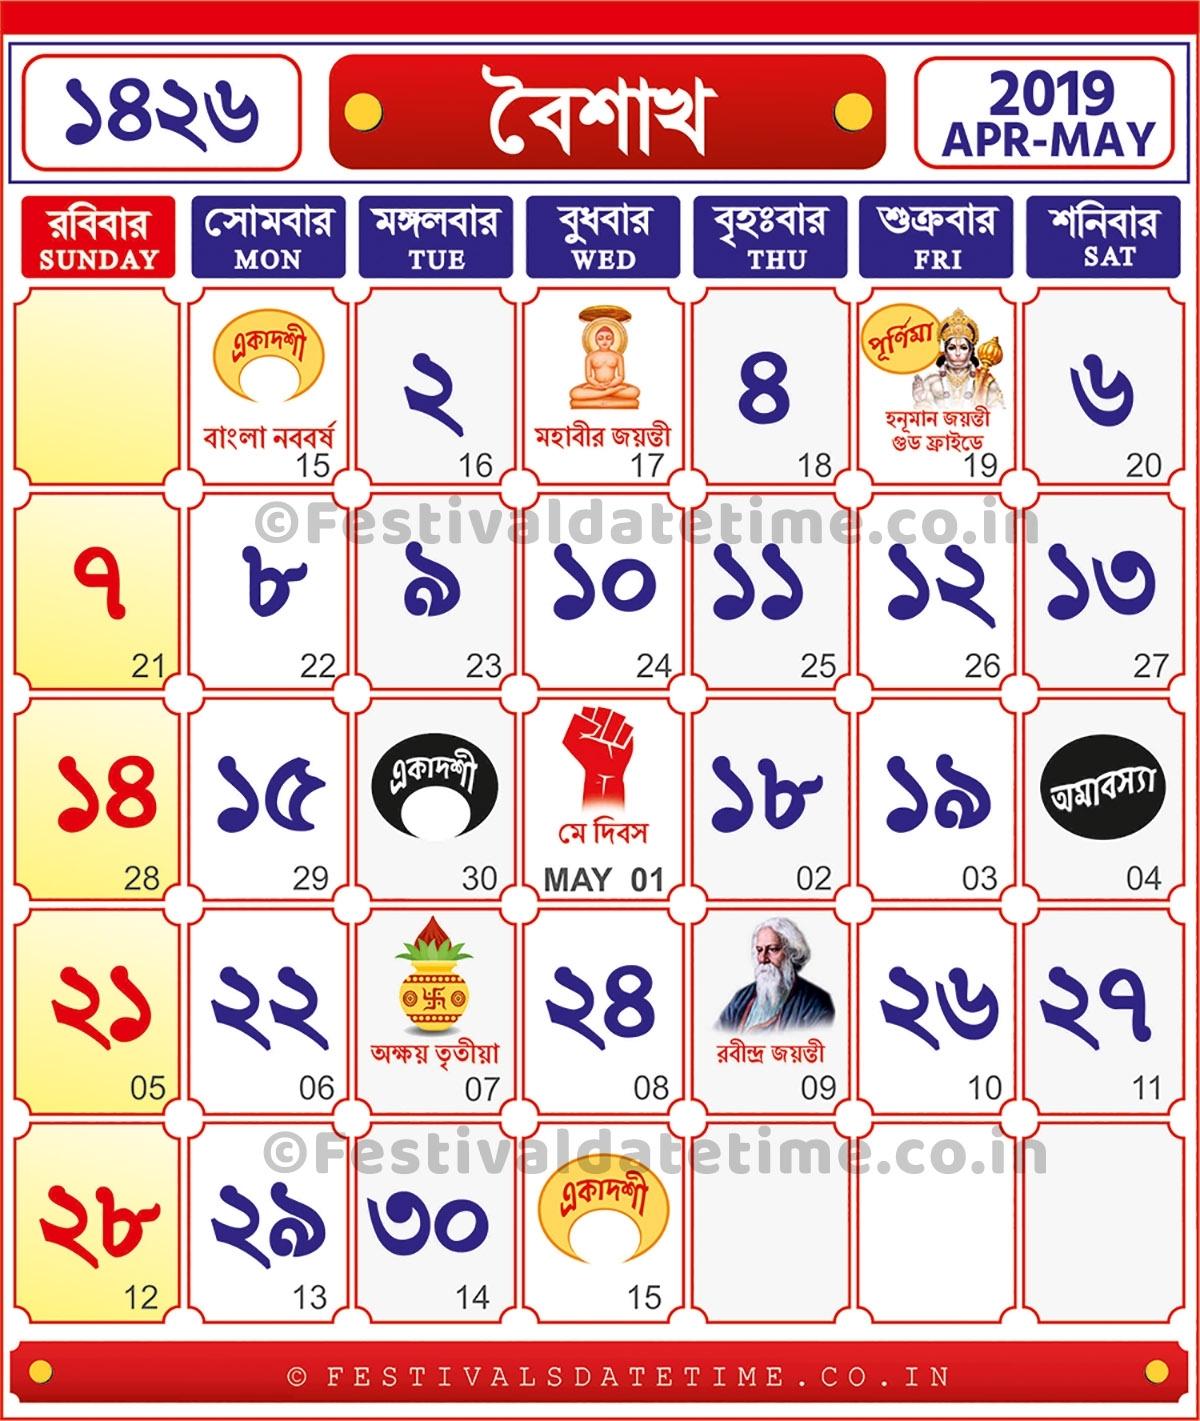 1426 Baisakh : 1426 Bengali Calendar, Bengali Calendar 2019-2020 with Todays Date By Hindu Calendar